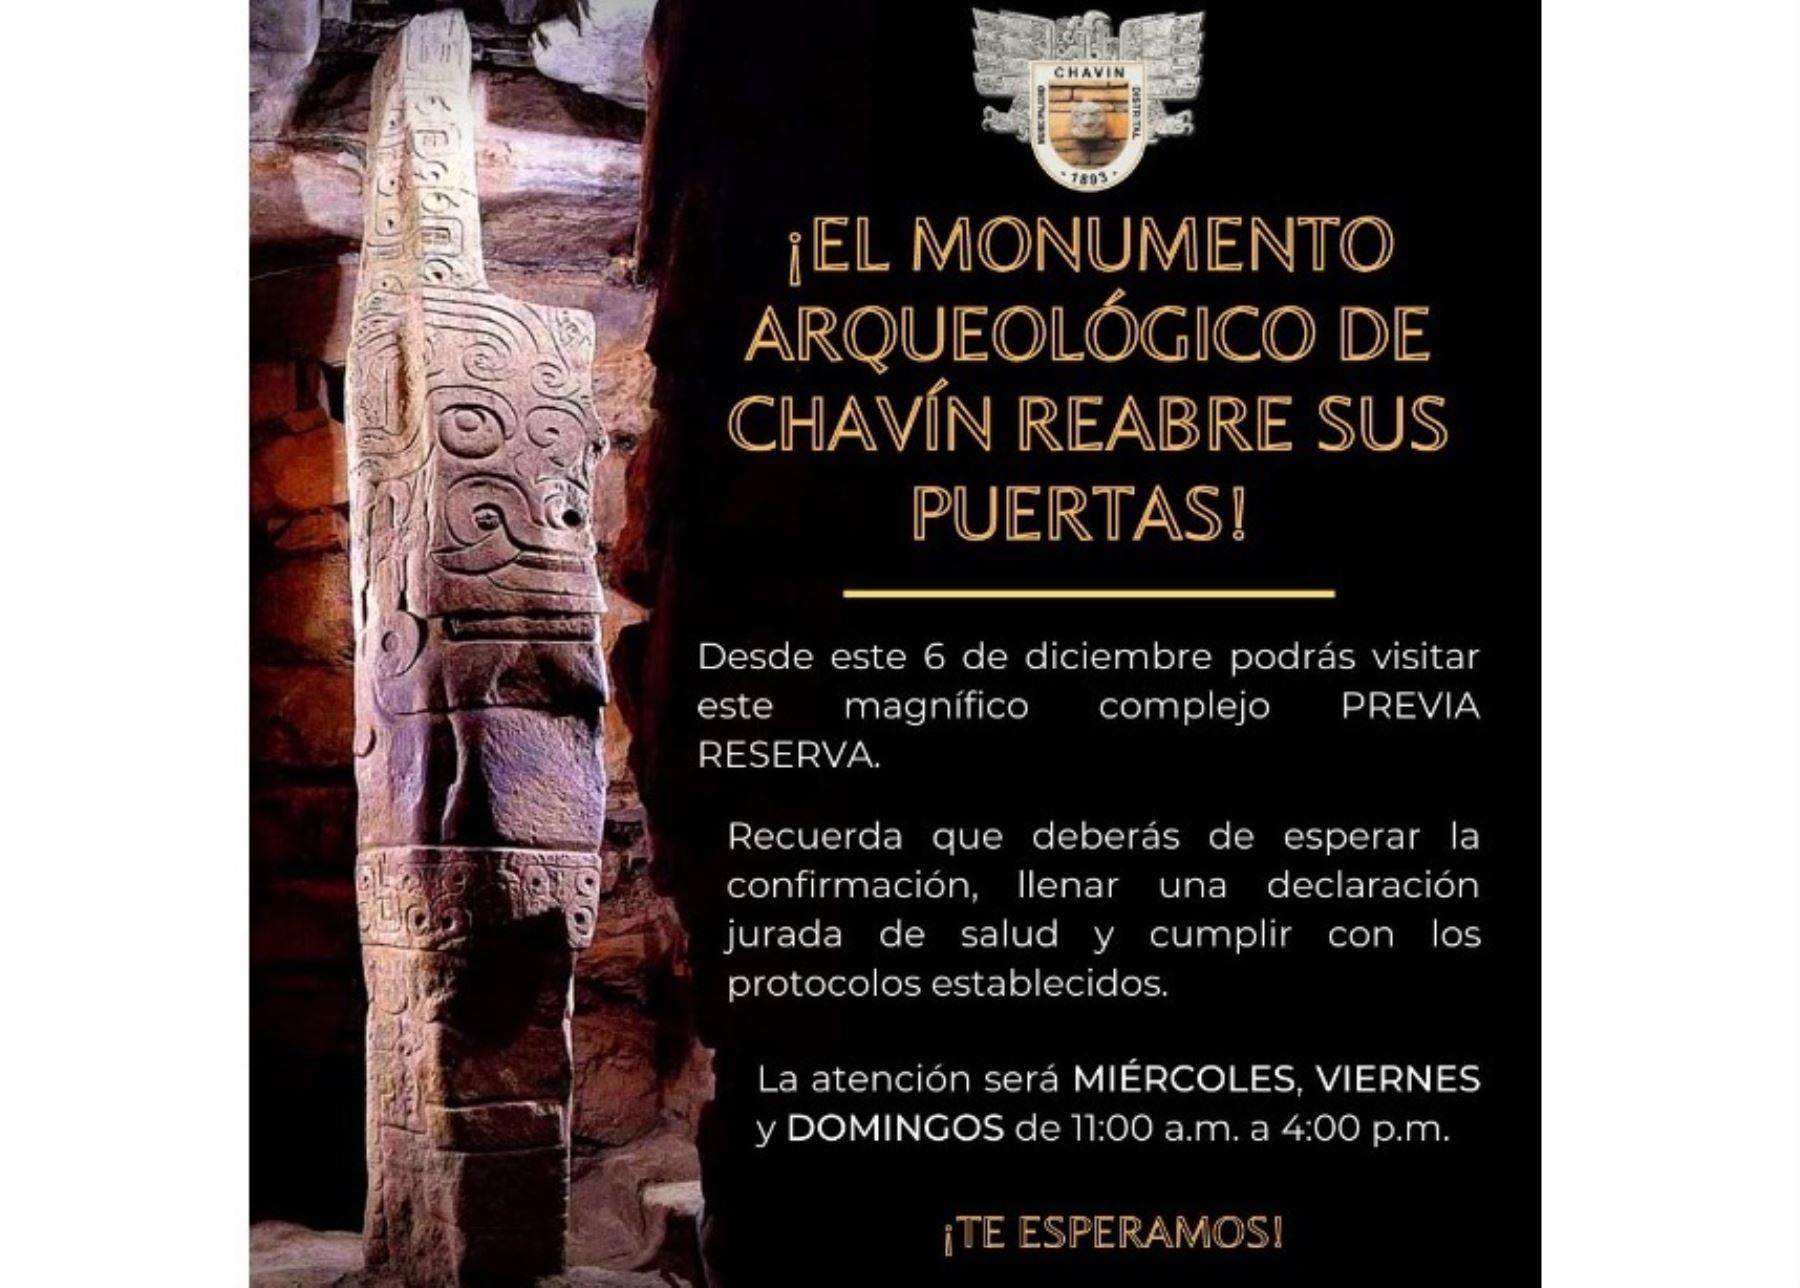 El monumento arqueológico Chavín de Huántar, ubicado en Áncash, volverá a recibir visitantes a partir del 6 de diciembre próximo luego de aprobarse el protocolo sanitario ante el covid-19.